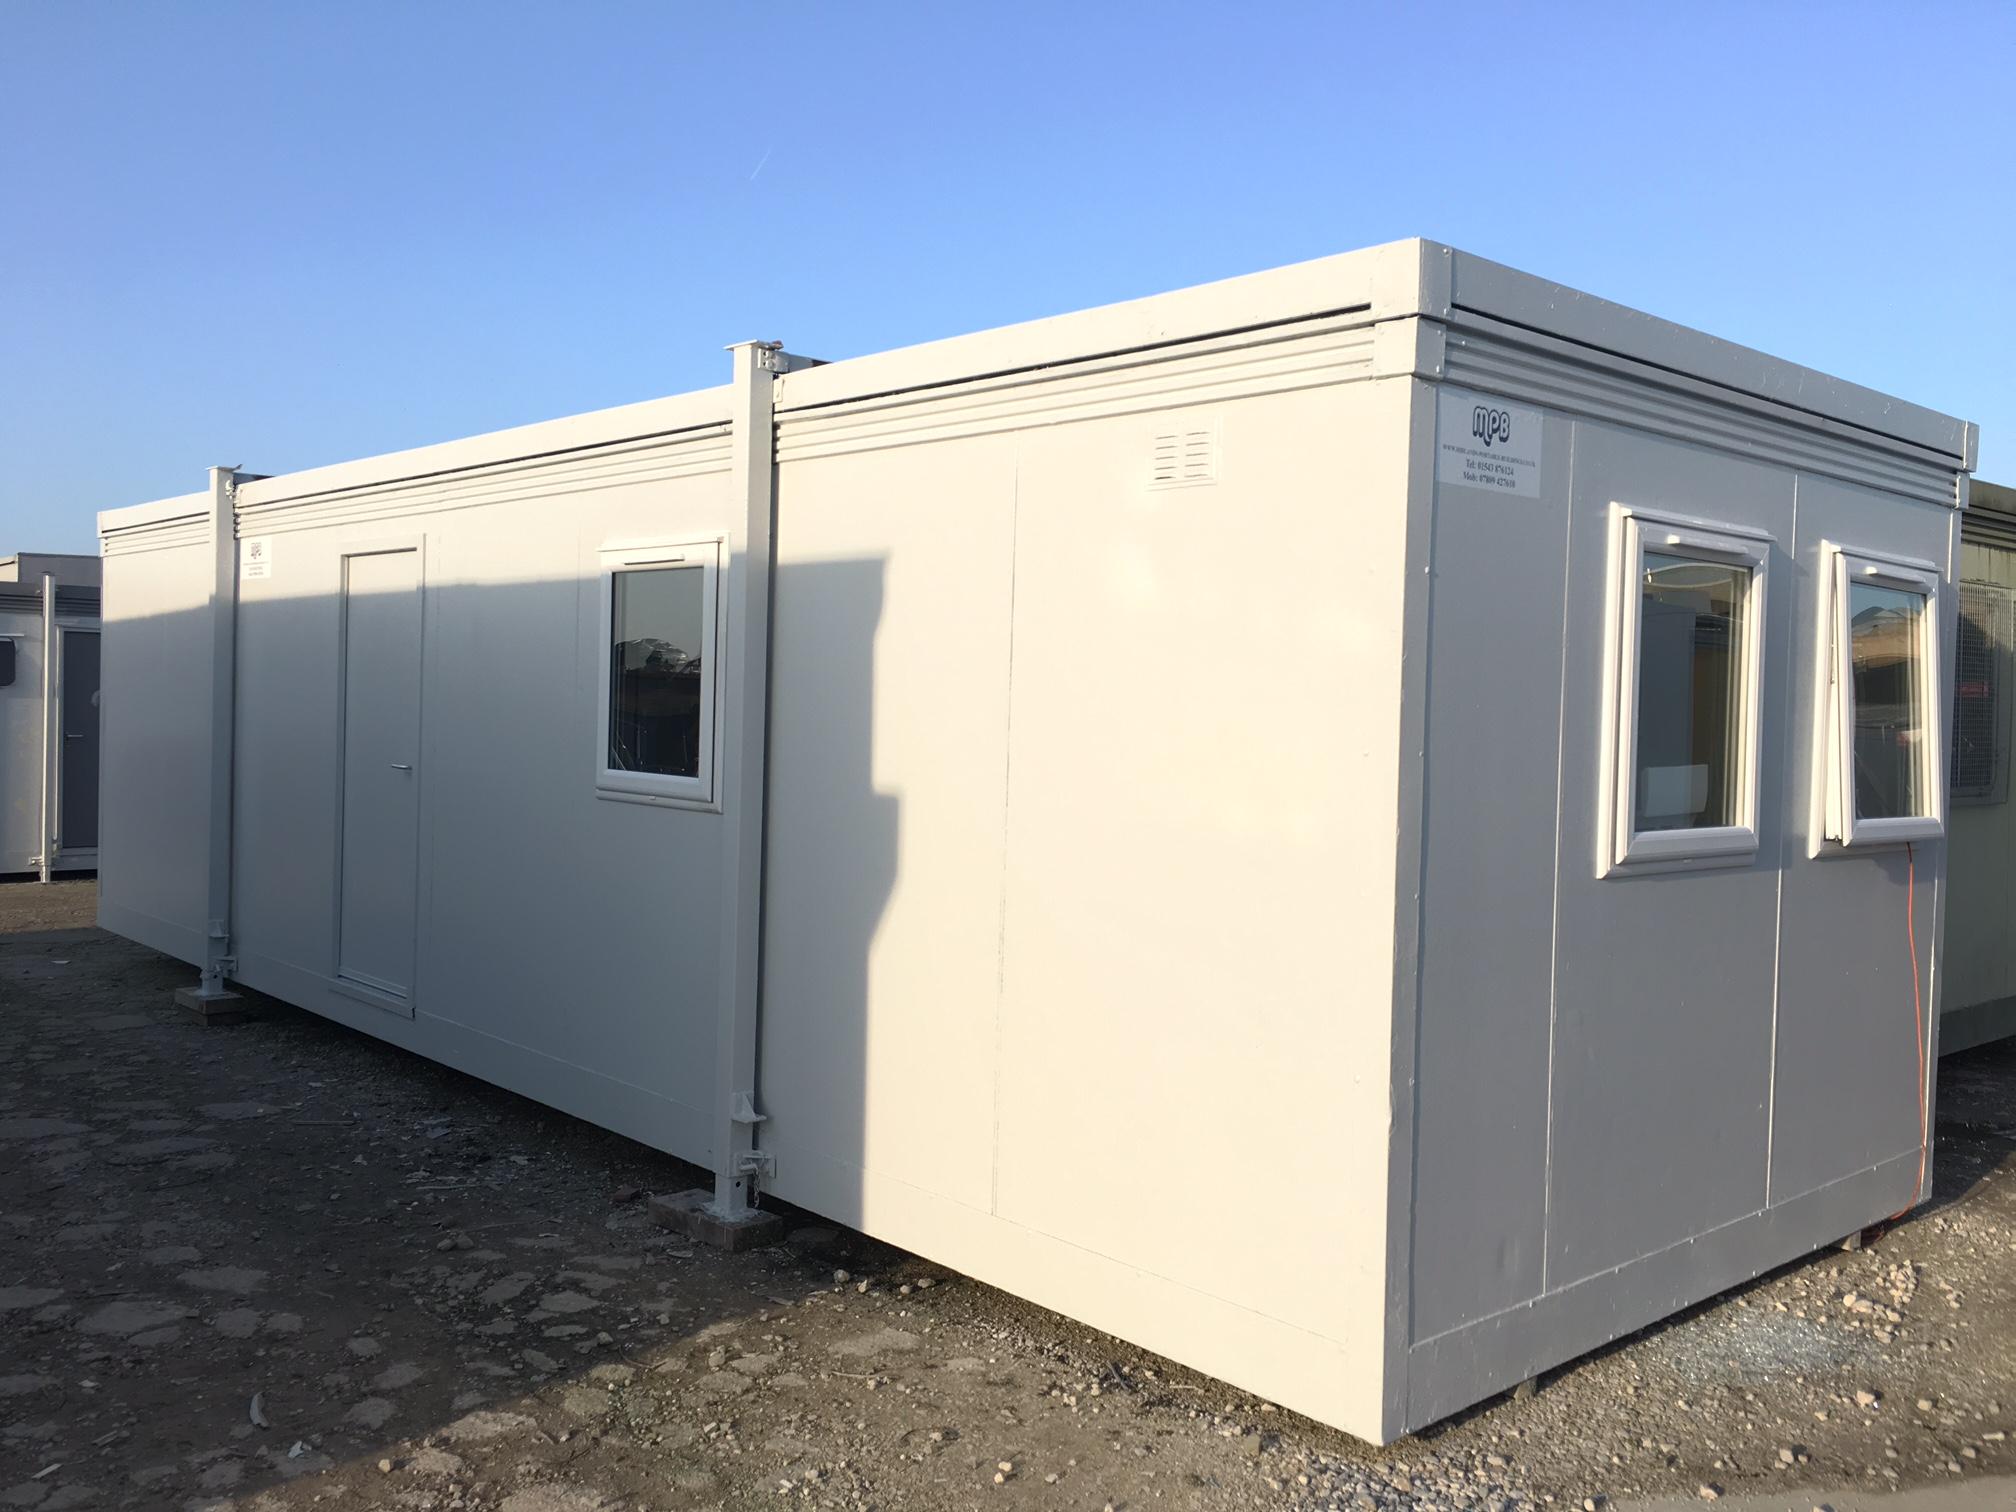 32 x 10 Portable Cabin